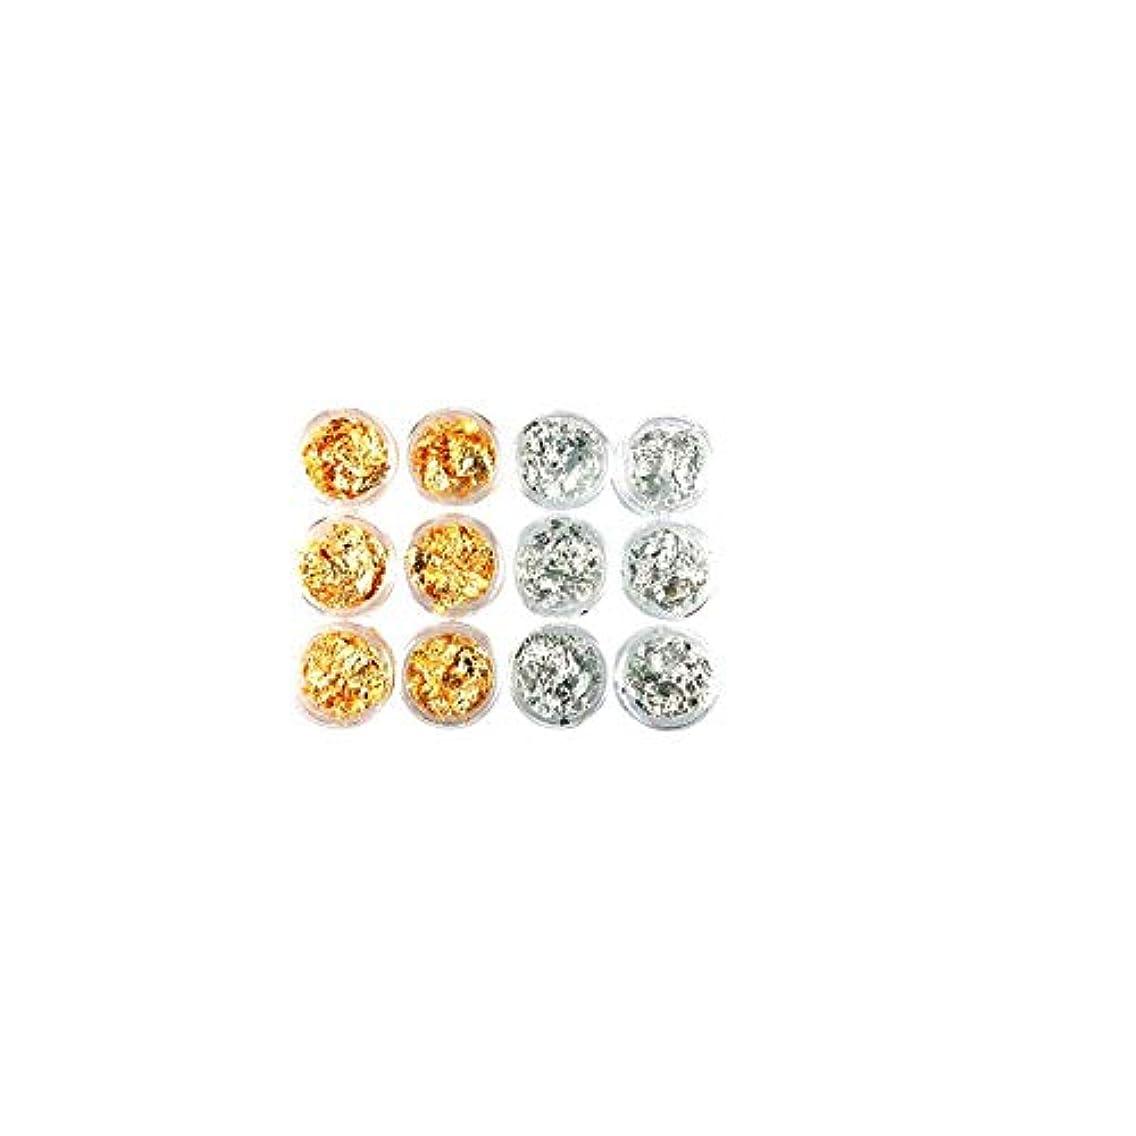 帰る理容室同様にOnior 12パックゴールドシルバーネイルシャイニングフォイルスパンコール超薄型ネイルグリッタースパンコールdiyネイルアートグリッター装飾用フェイスボディヘアナイ丈夫で実用的